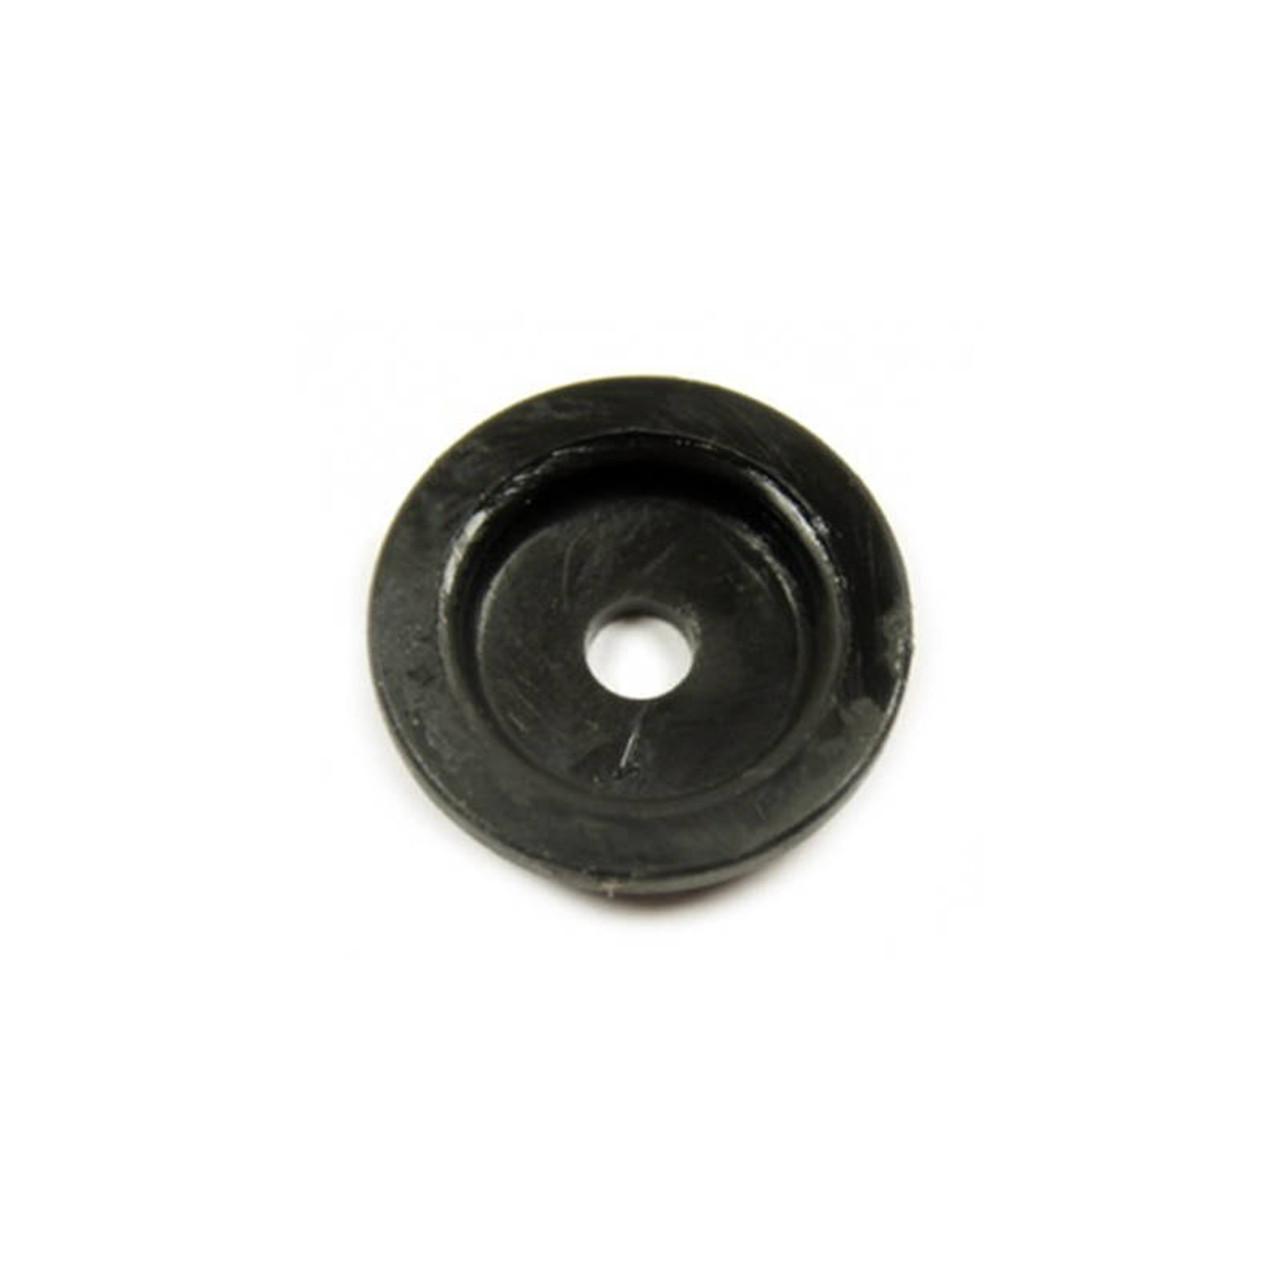 NEW ECHO CAP PLUG         PART NUMBER 10091814330